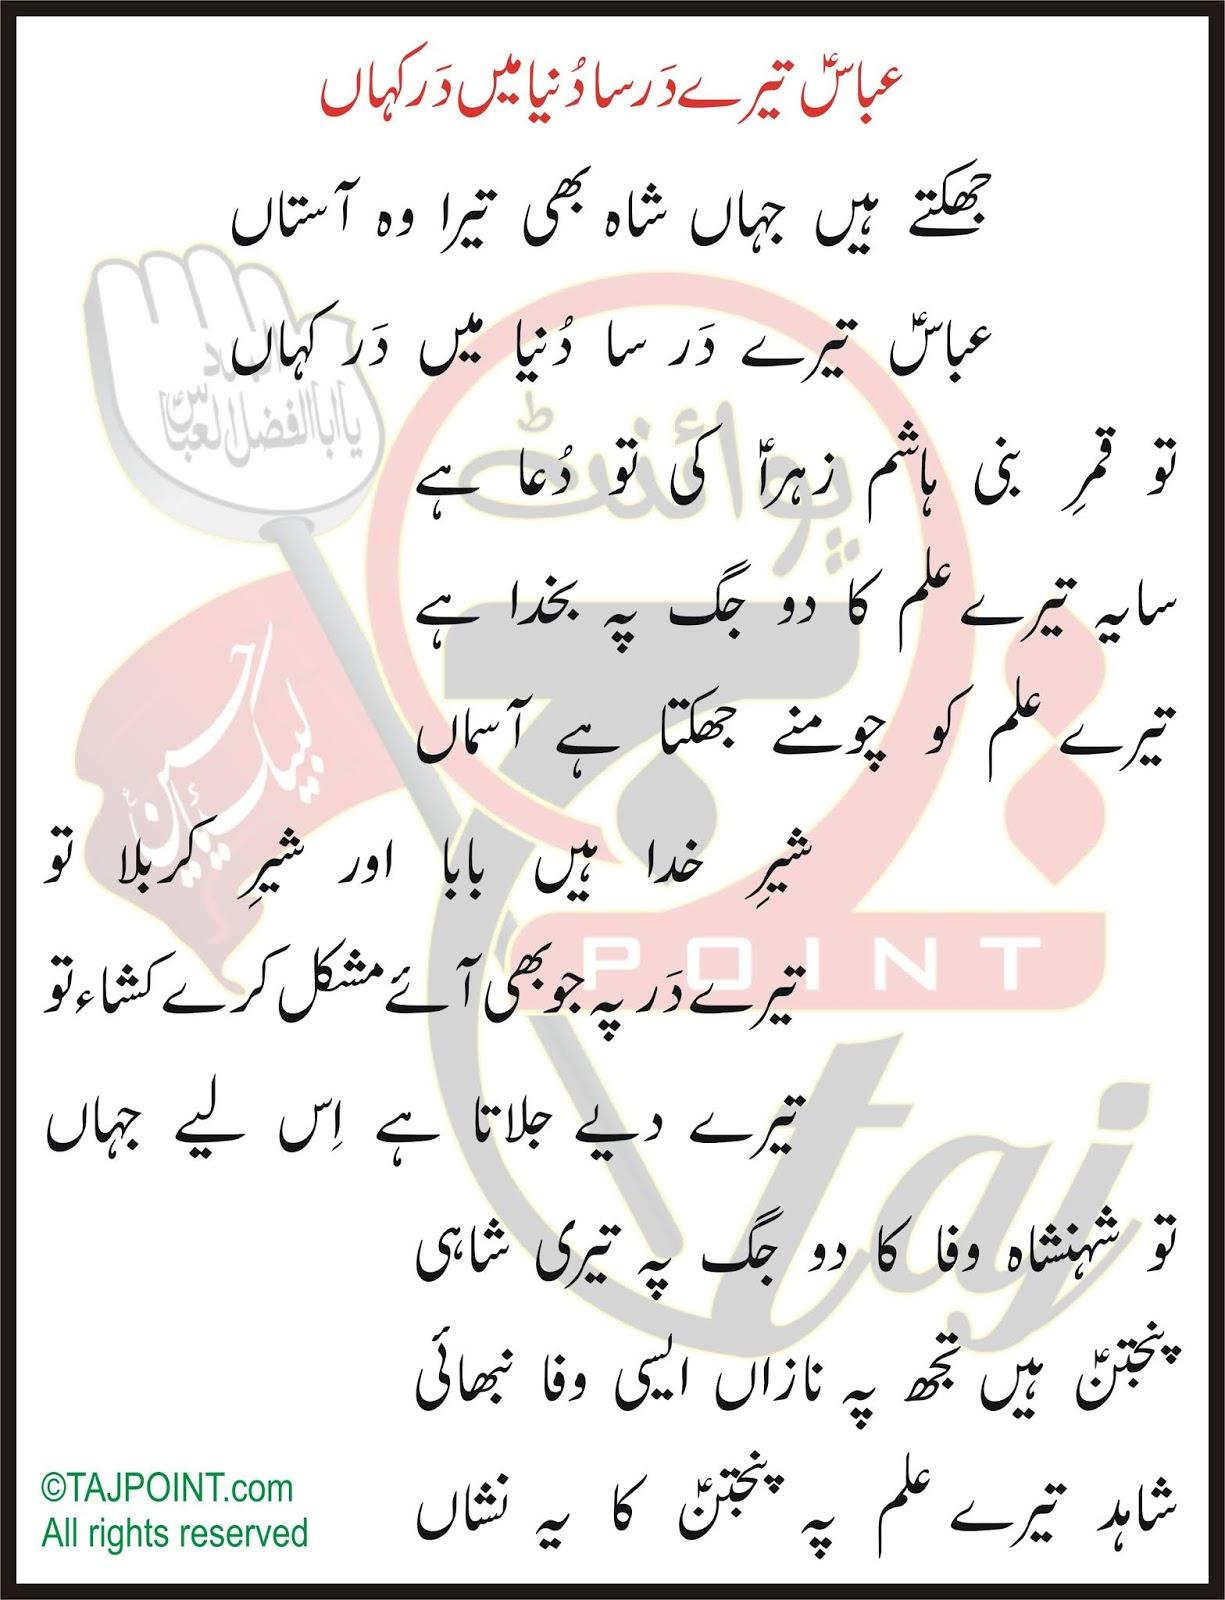 Jhukte Hain Jahaan Shah Bhi Tera Woh Aastaan - Lyrics In